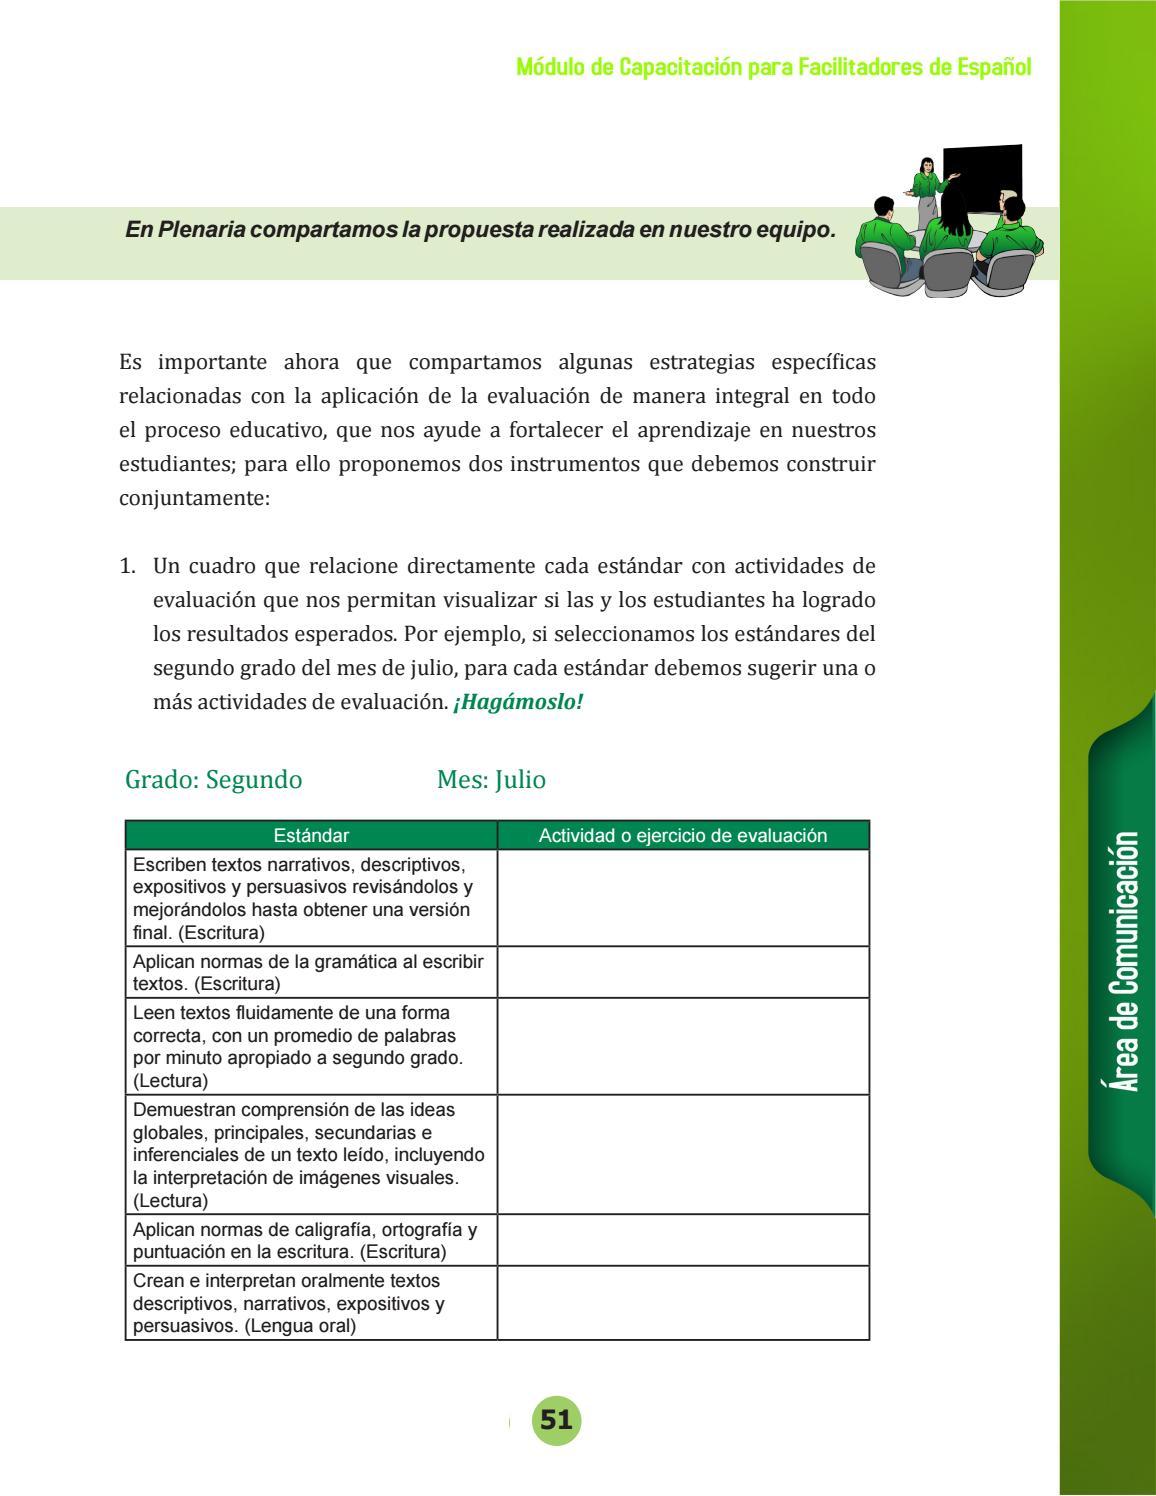 Módulo De Capacitación Para Facilitadores De Español By